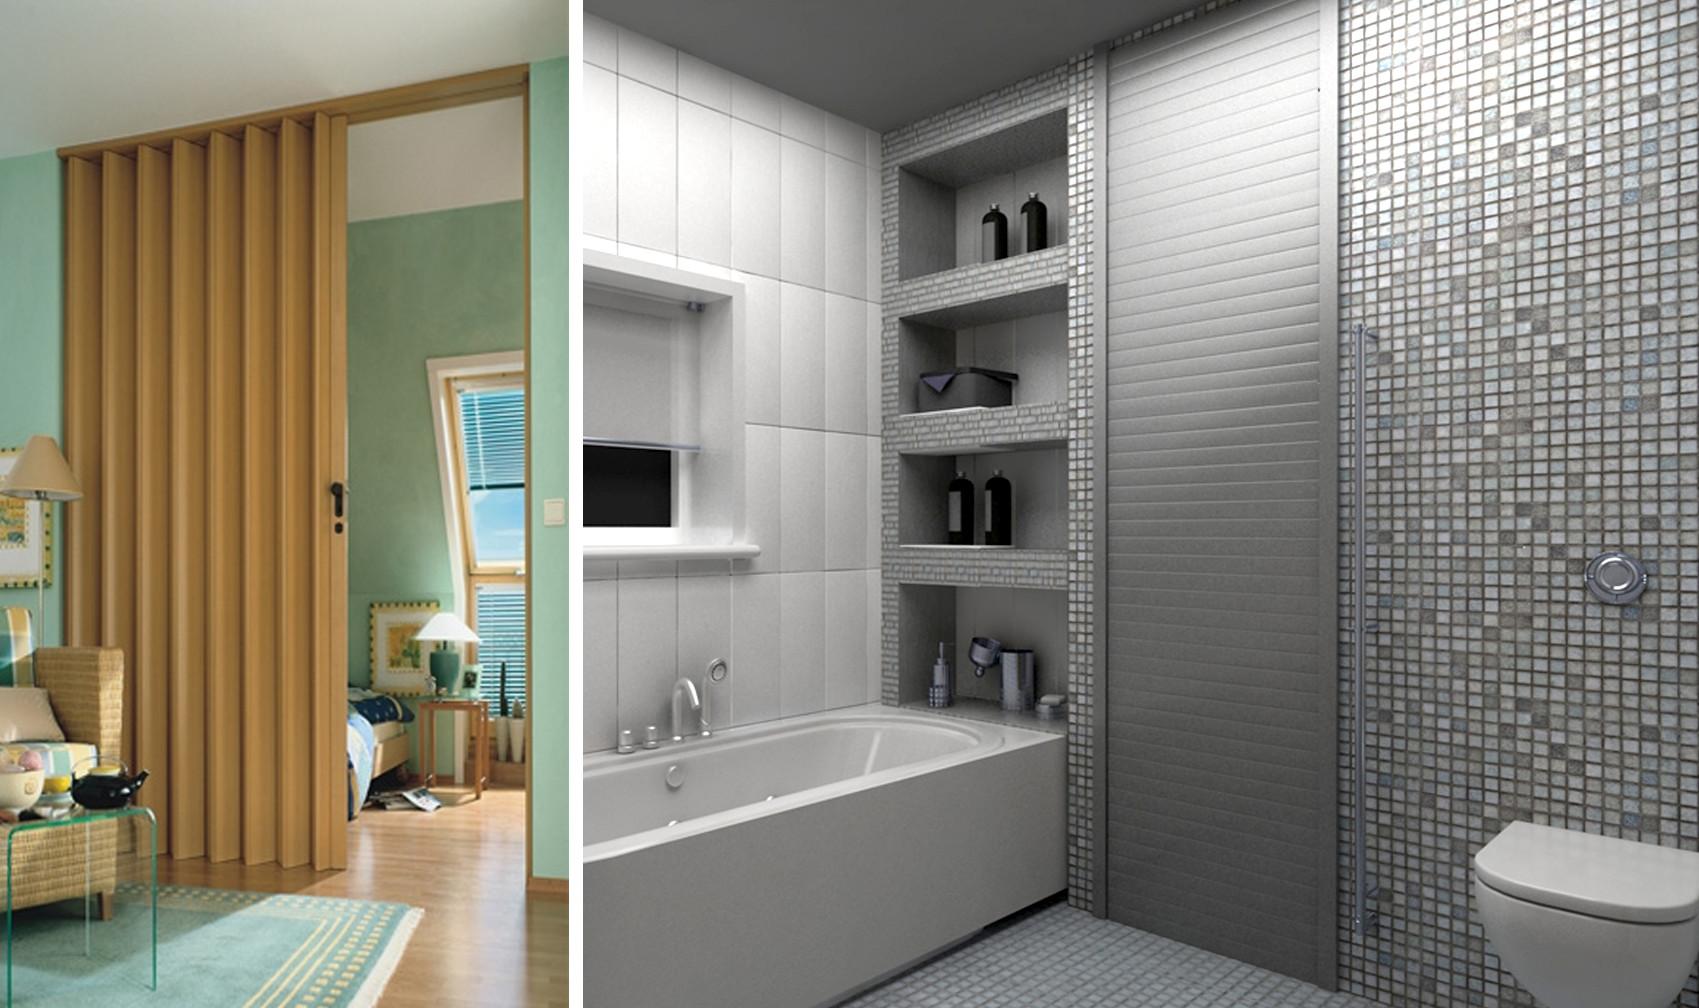 volet roulant manuel descend. Black Bedroom Furniture Sets. Home Design Ideas